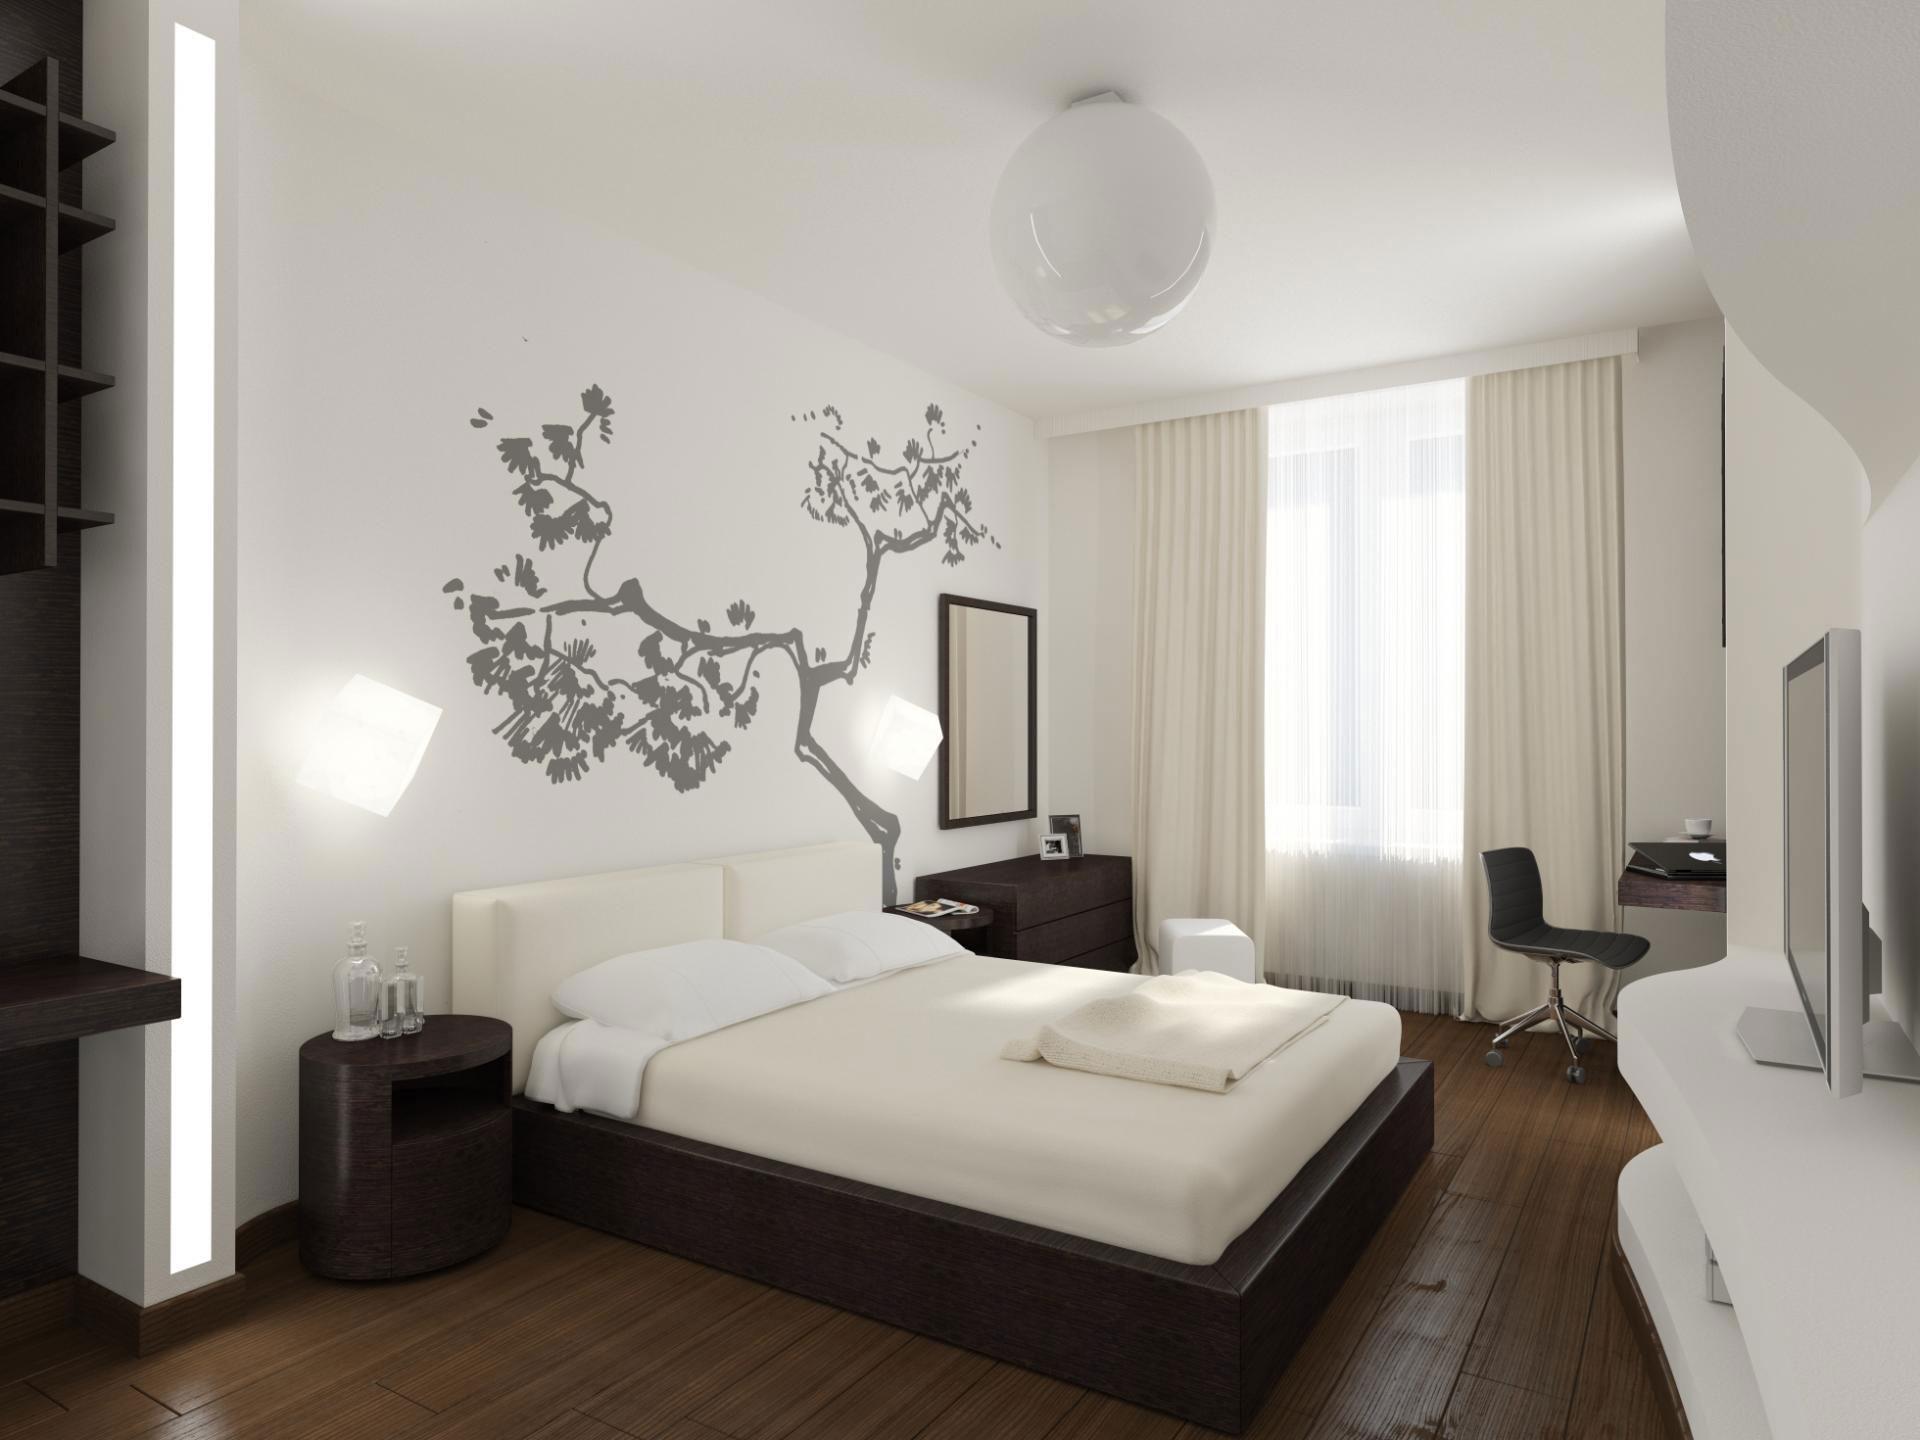 Креативное оформление интерьера квартиры в стиле минимализм